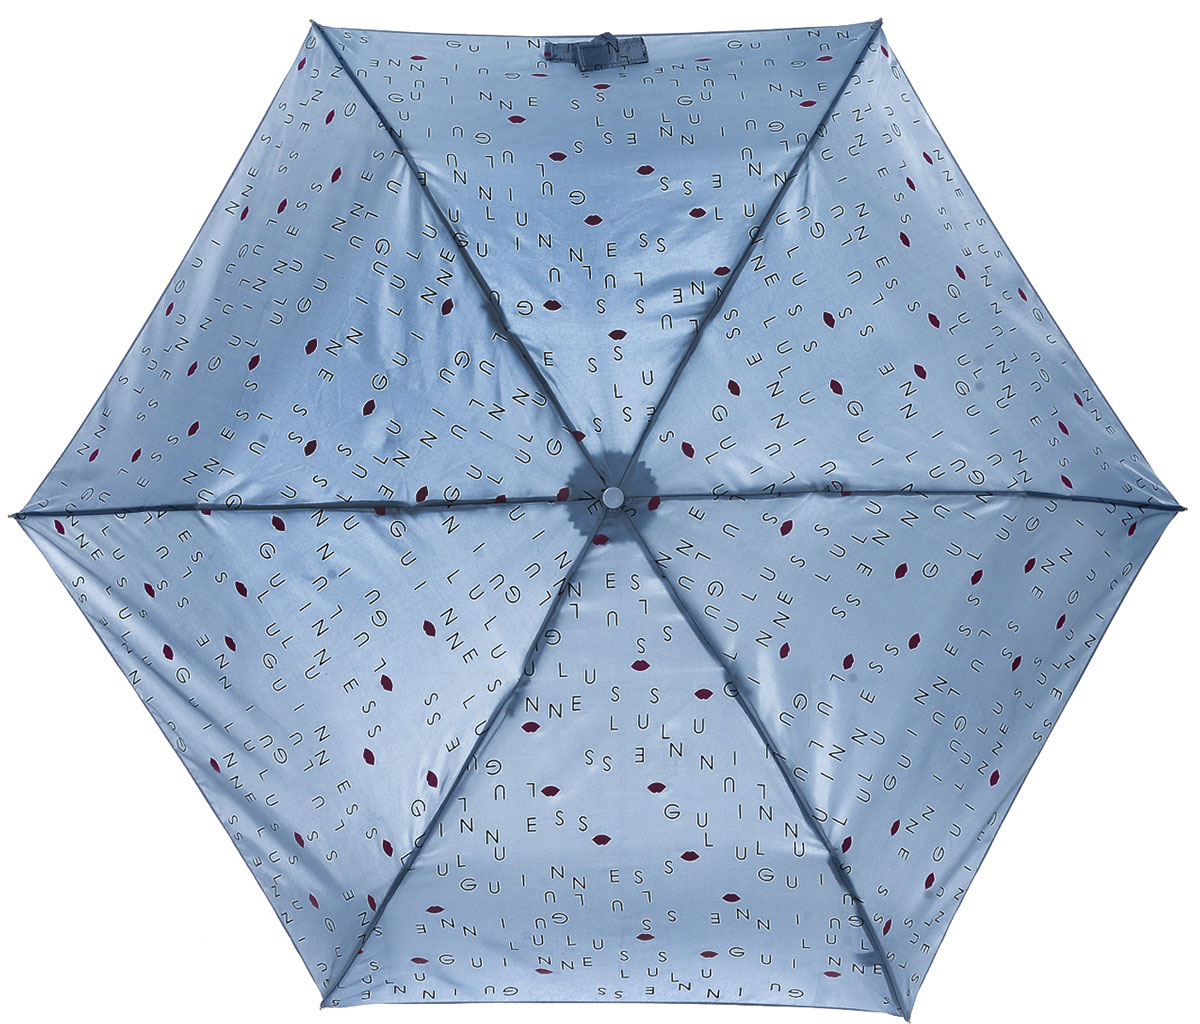 Зонт женский Lulu Guinness Superslim, механический, 3 сложения, цвет: серо-голубой, черный, розовый. L718-3179Колье (короткие одноярусные бусы)Стильный механический зонт Lulu Guinness Superslim в 3 сложения даже в ненастную погоду позволит вам оставаться элегантной. Облегченный каркас зонта выполнен из 6 спиц из фибергласса и алюминия, стержень также изготовлен из алюминия, удобная рукоятка - из пластика. Купол зонта выполнен из прочного полиэстера=. В закрытом виде застегивается хлястиком на кнопке. Яркий оригинальный в виде надписей и изображения губ поднимет настроение в дождливый день.Зонт механического сложения: купол открывается и закрывается вручную до характерного щелчка.На рукоятке для удобства есть небольшой шнурок, позволяющий надеть зонт на руку тогда, когда это будет необходимо. К зонту прилагается чехол, который дополнительно застегивается на липучку, с небольшой нашивкой с названием бренда.Такой зонт компактно располагается в кармане, сумочке, дверке автомобиля.